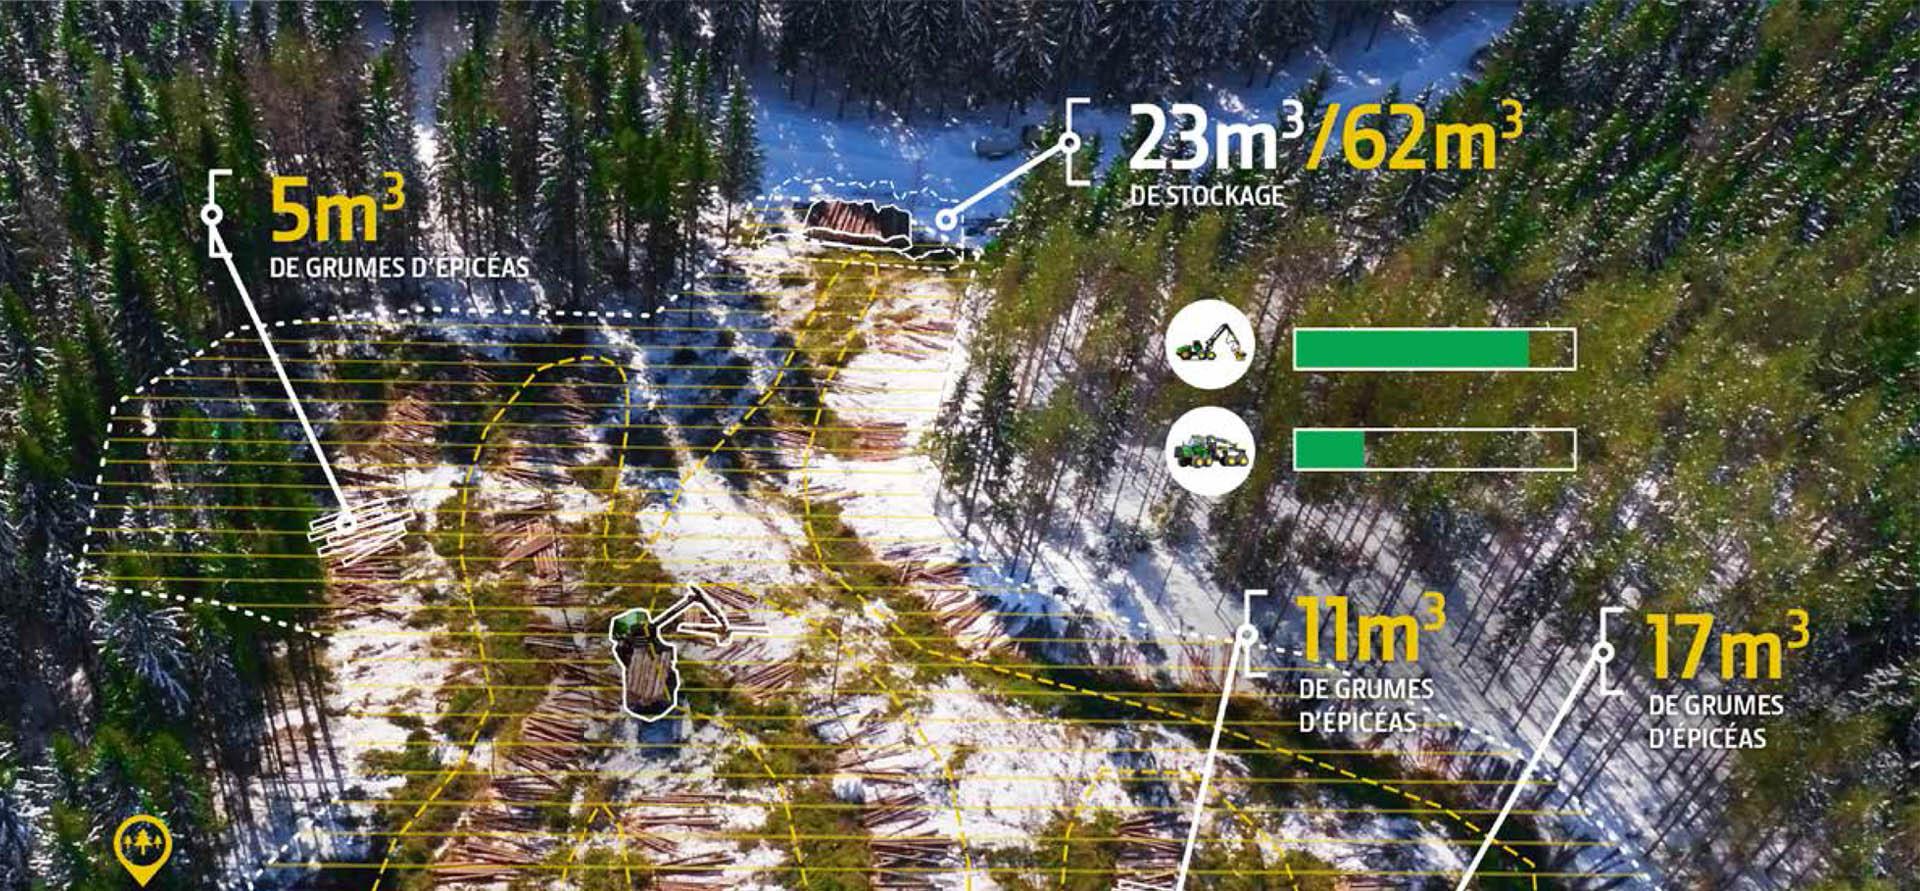 cartographie exploitation forestière